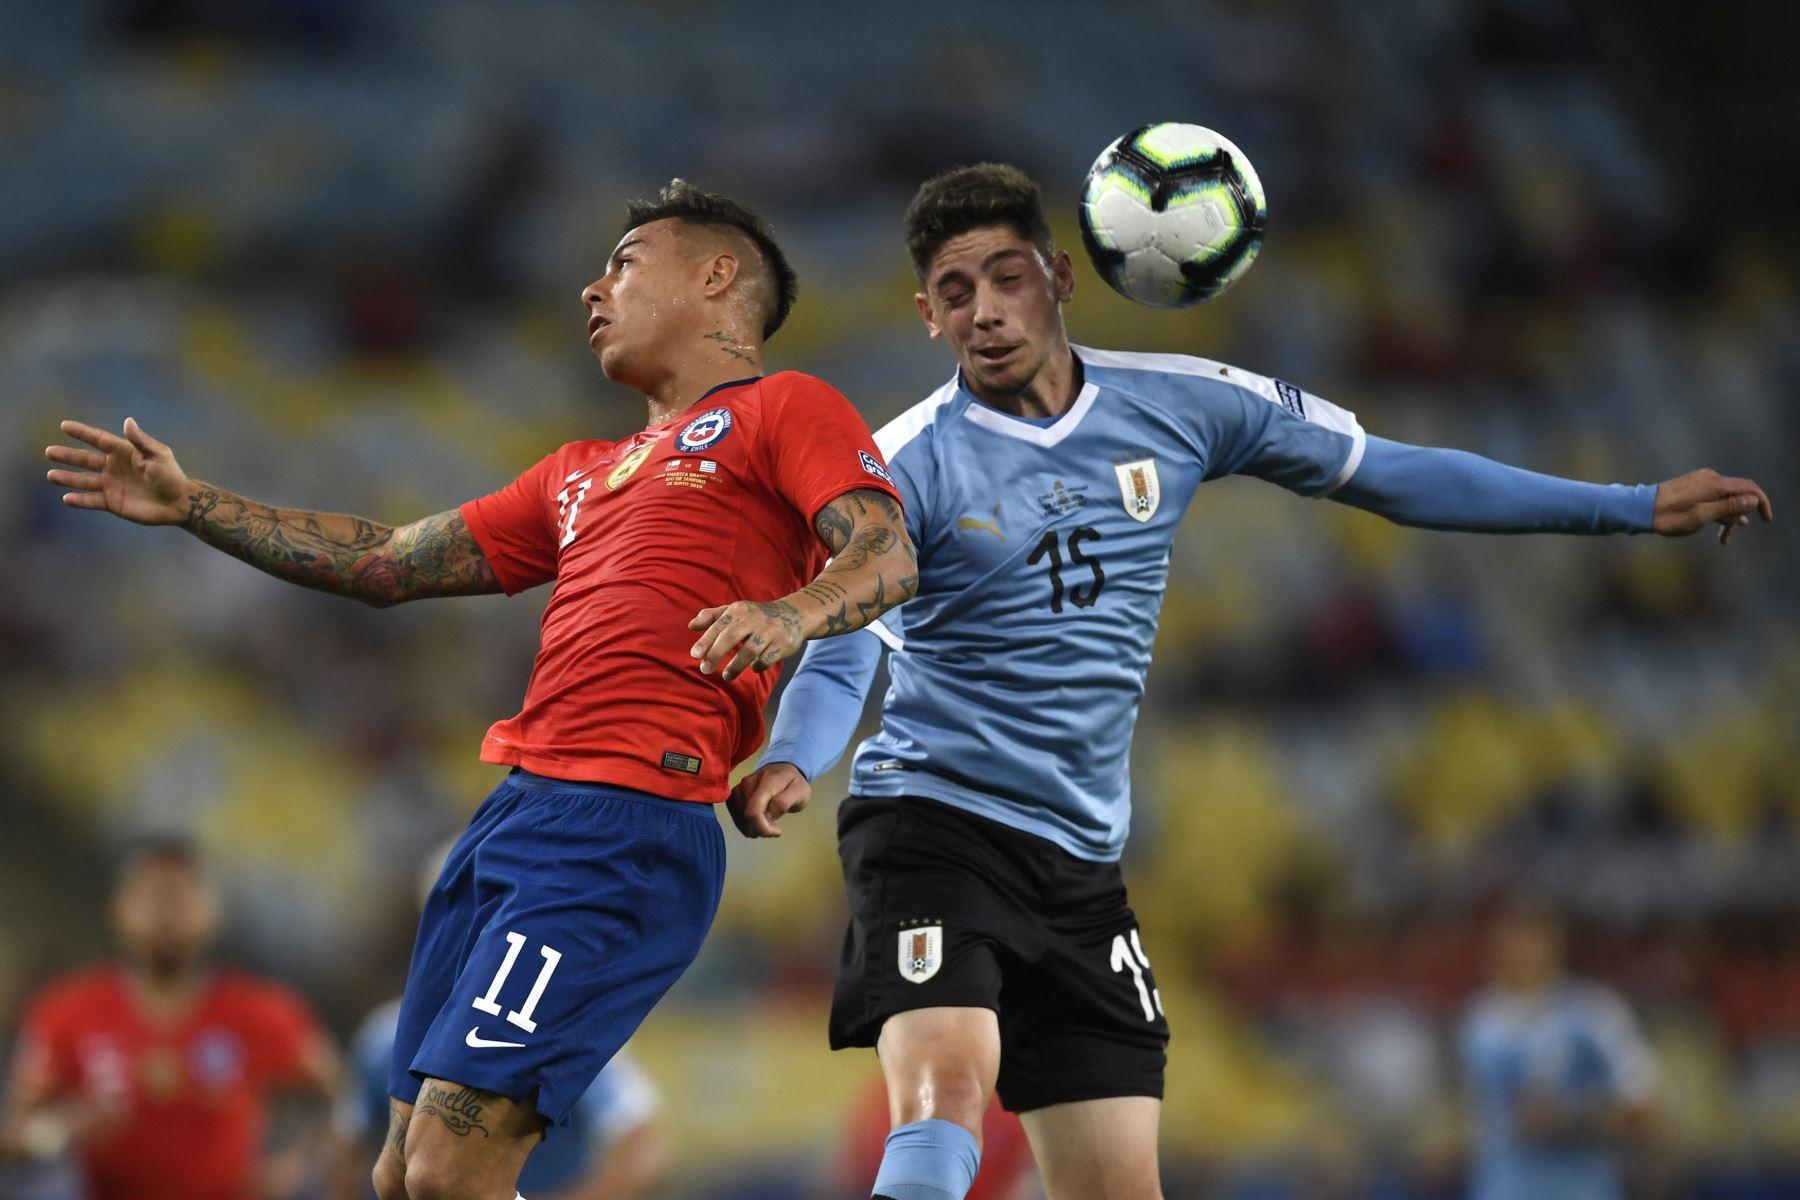 Federico Valverde, de Uruguay, compite por el balón con Eduardo Vargas de Chile durante el partido de torneo de fútbol de la Copa América en el estadio Maracana en Río de Janeiro, Brasil. Foto:AFP